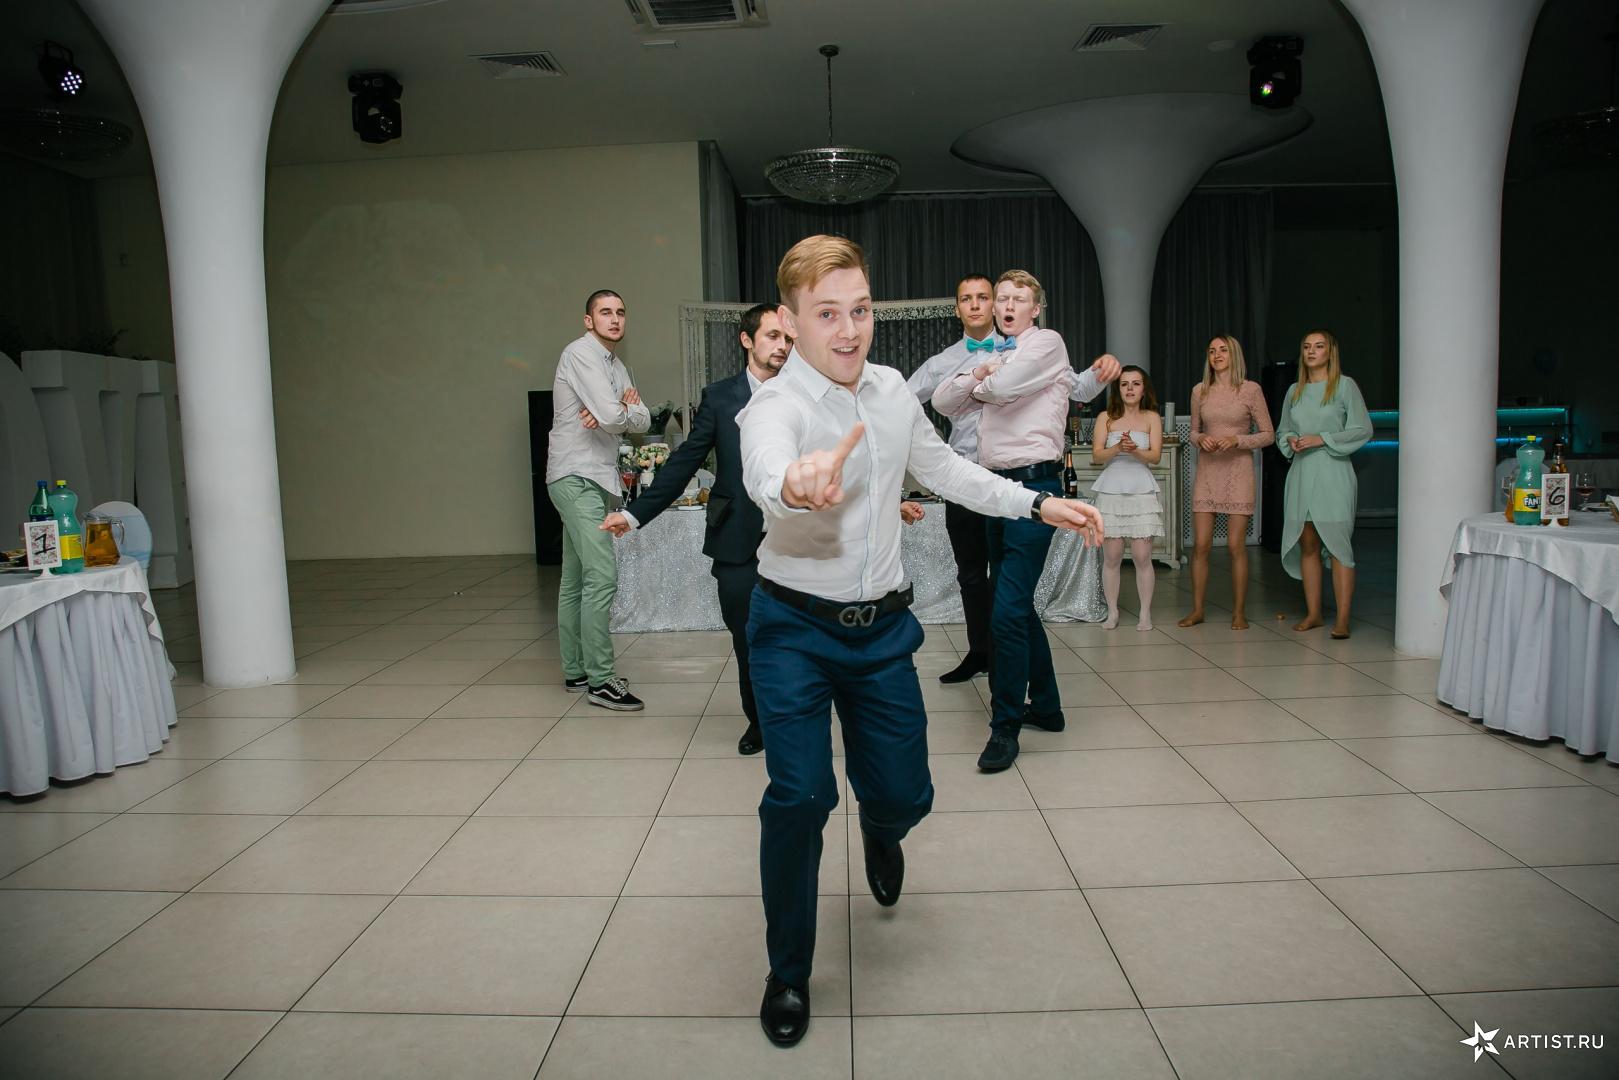 Фото 6 из 15 из альбома Свадьба Анастасии и Дмитрия Андрея Кислого